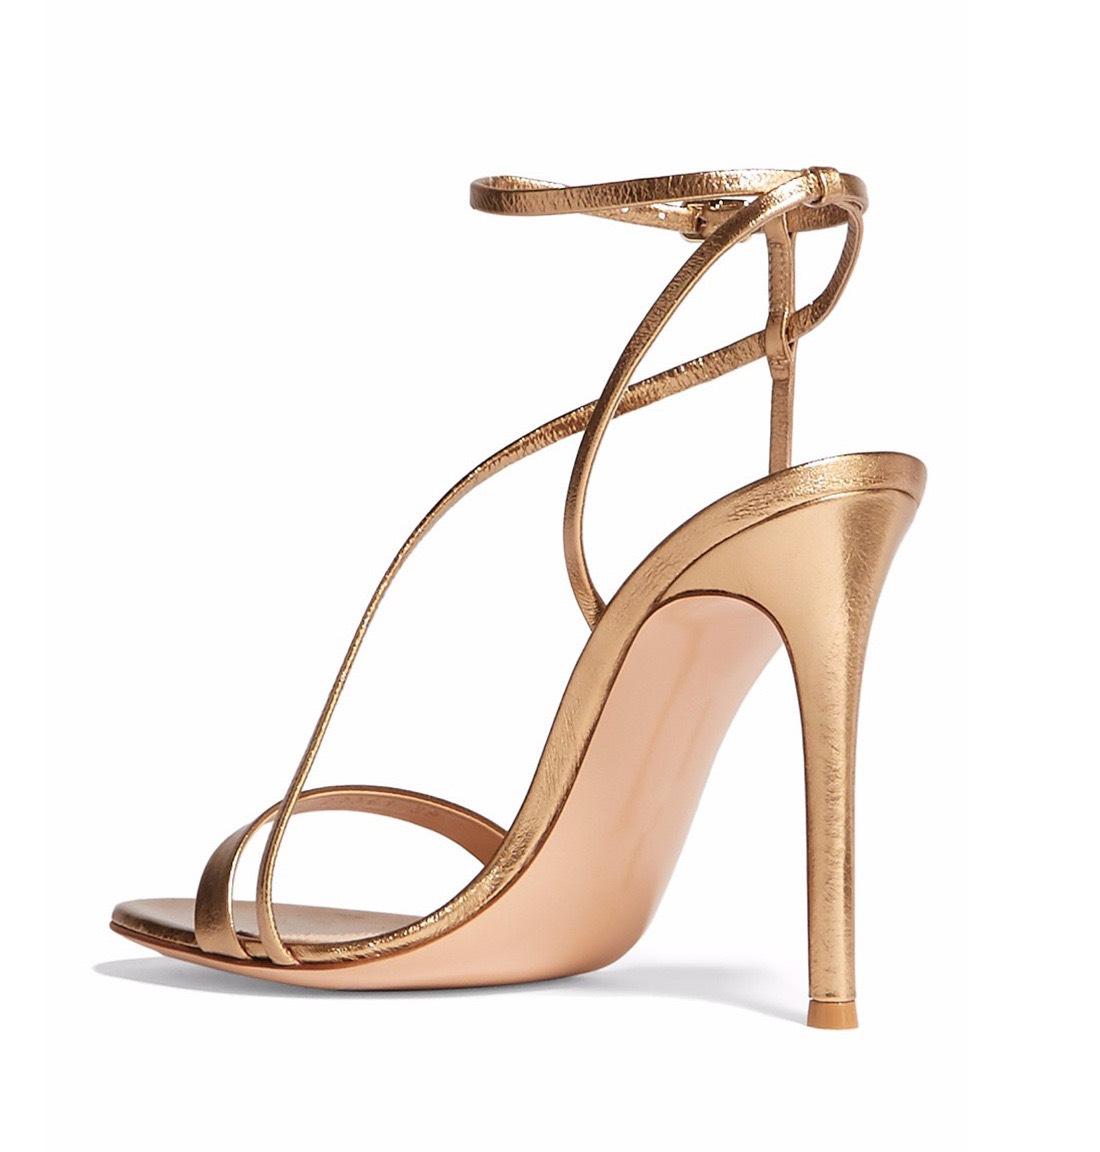 Giày cao gót Erosska thời trang mũi vuông gót hở phối dây